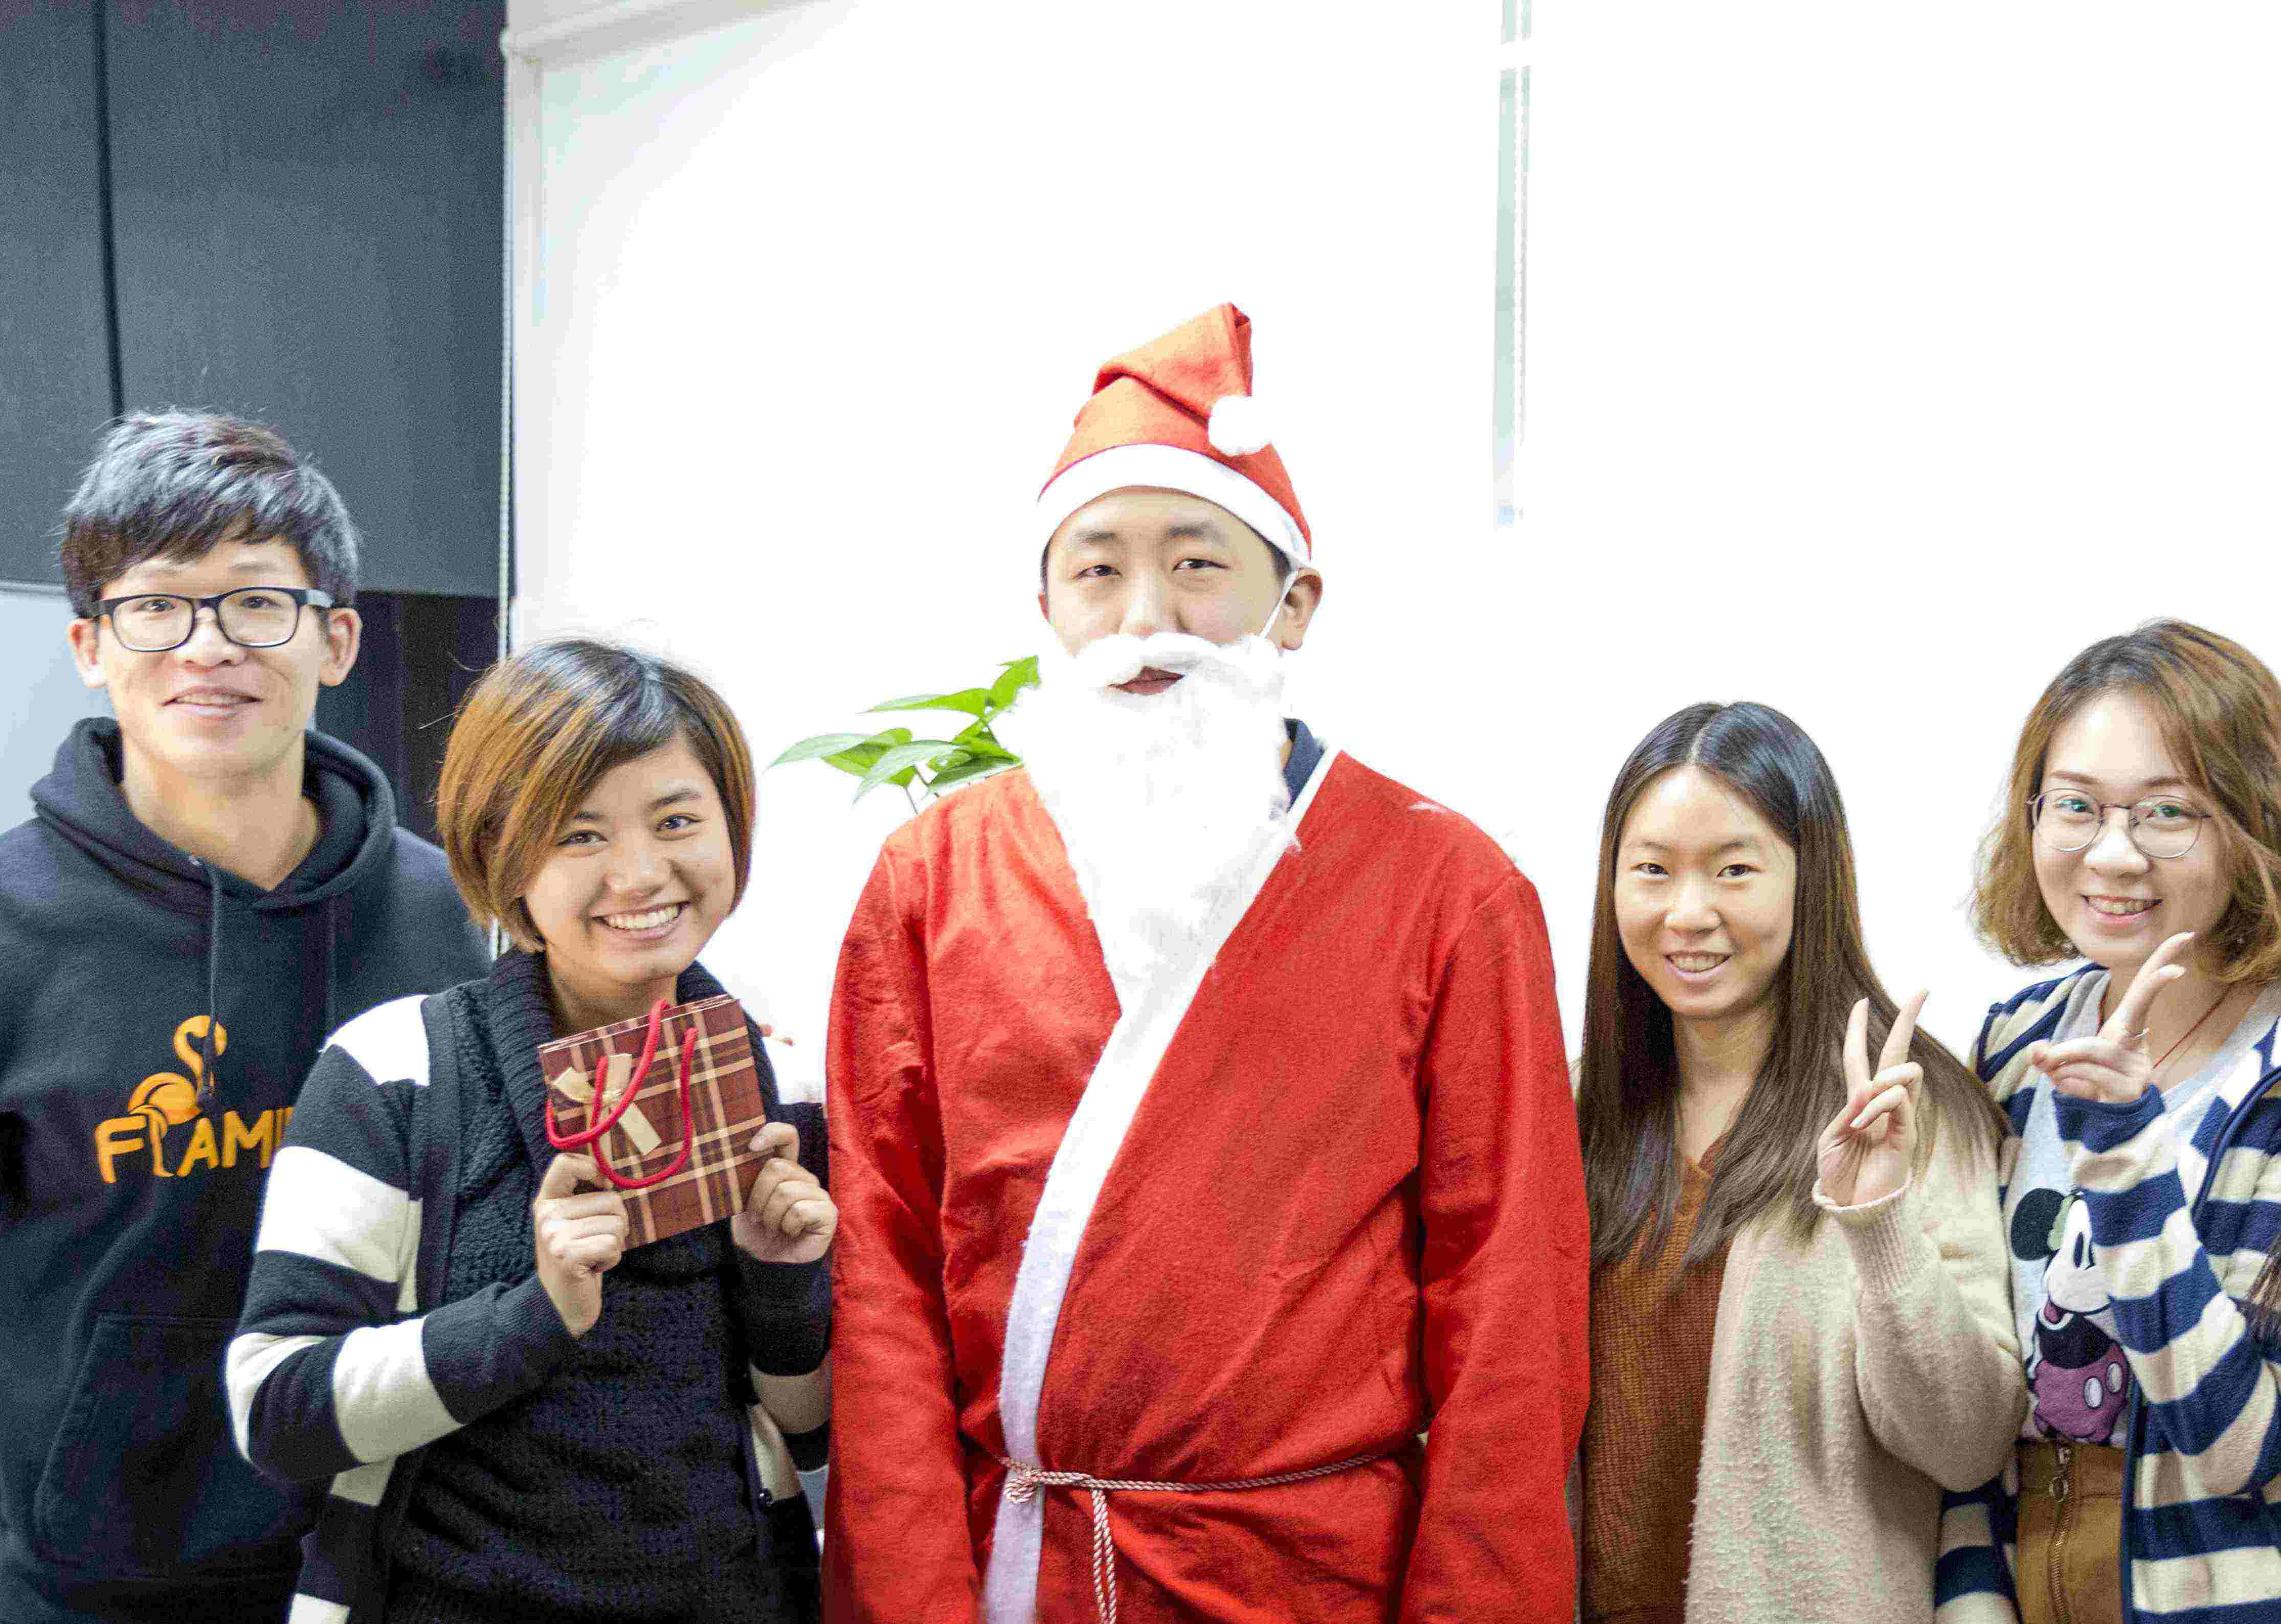 火烈鸟网络开展圣诞节系列活动